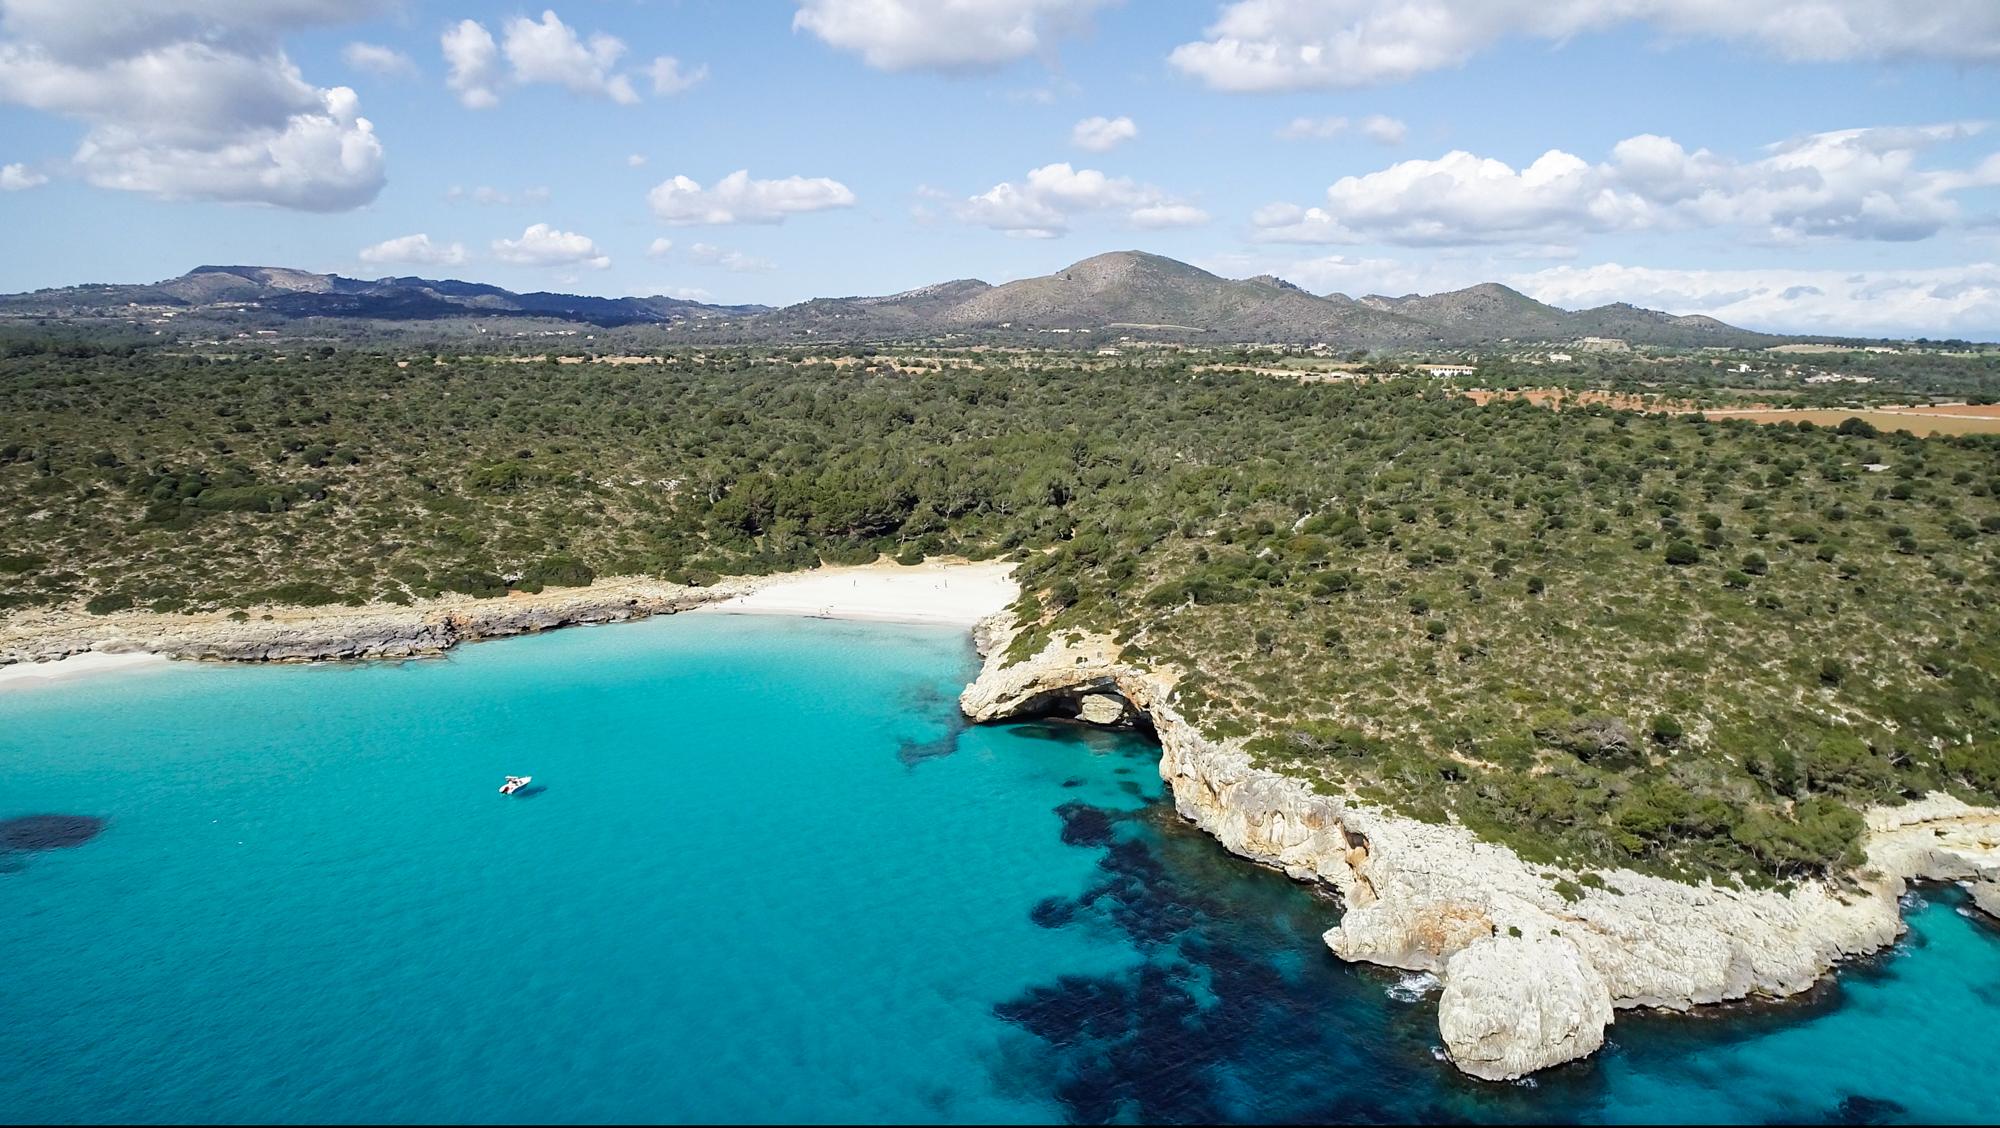 Qué ver y hacer en Mallorca - Disfrutar de sus calas